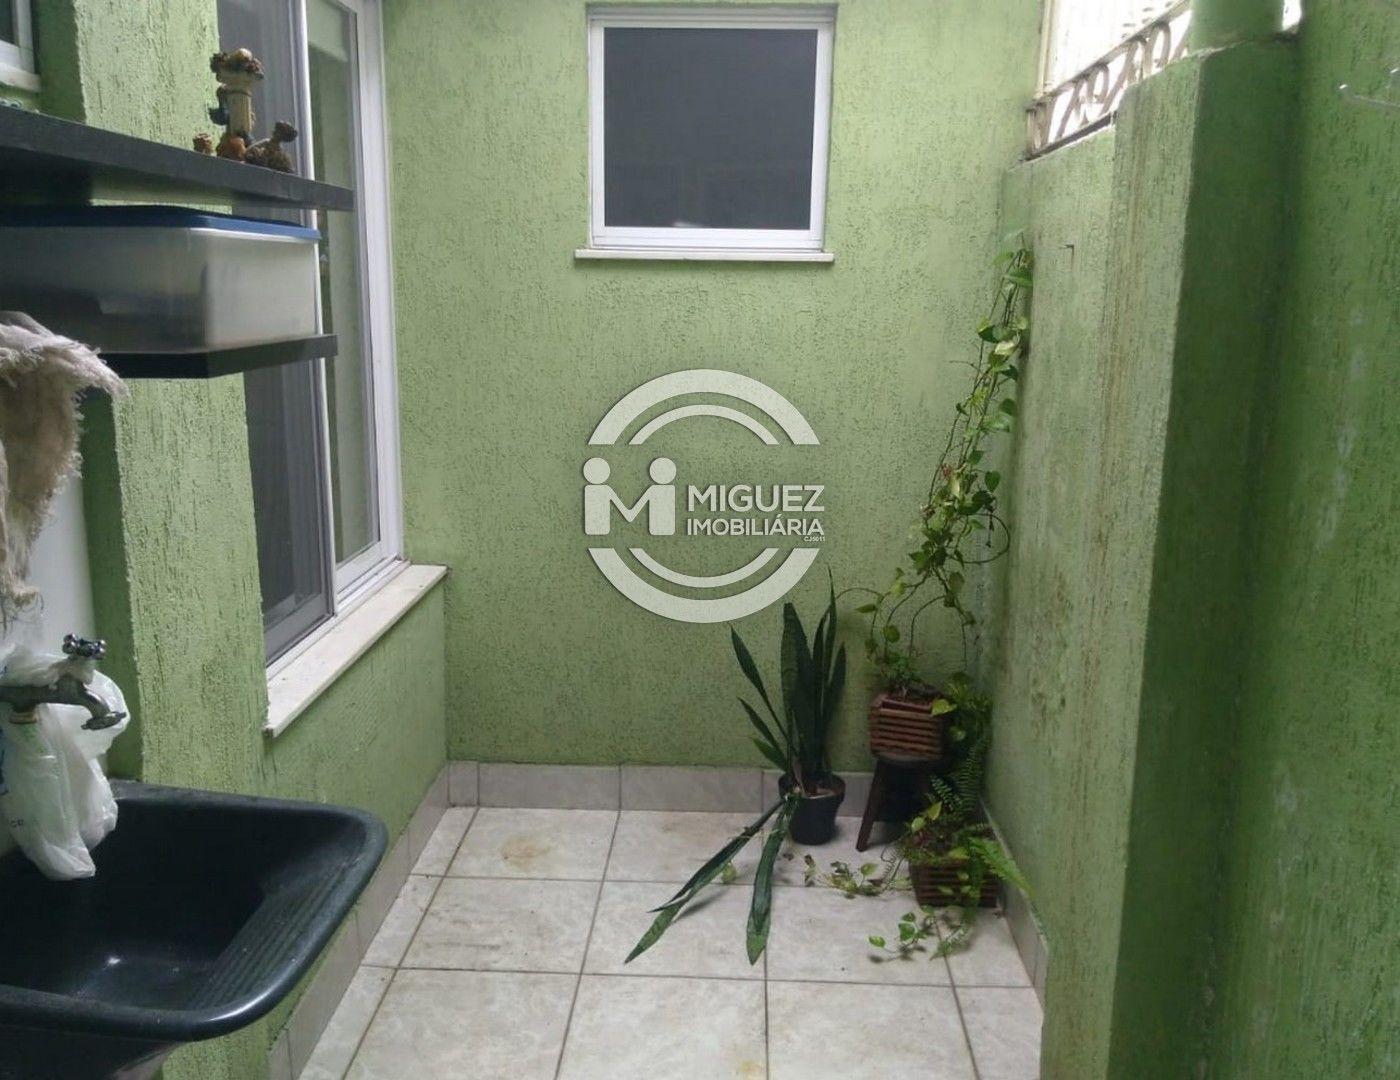 Casa, aluguel, Rua da Bela Vista - Engenho Novo , Rio de janeiro